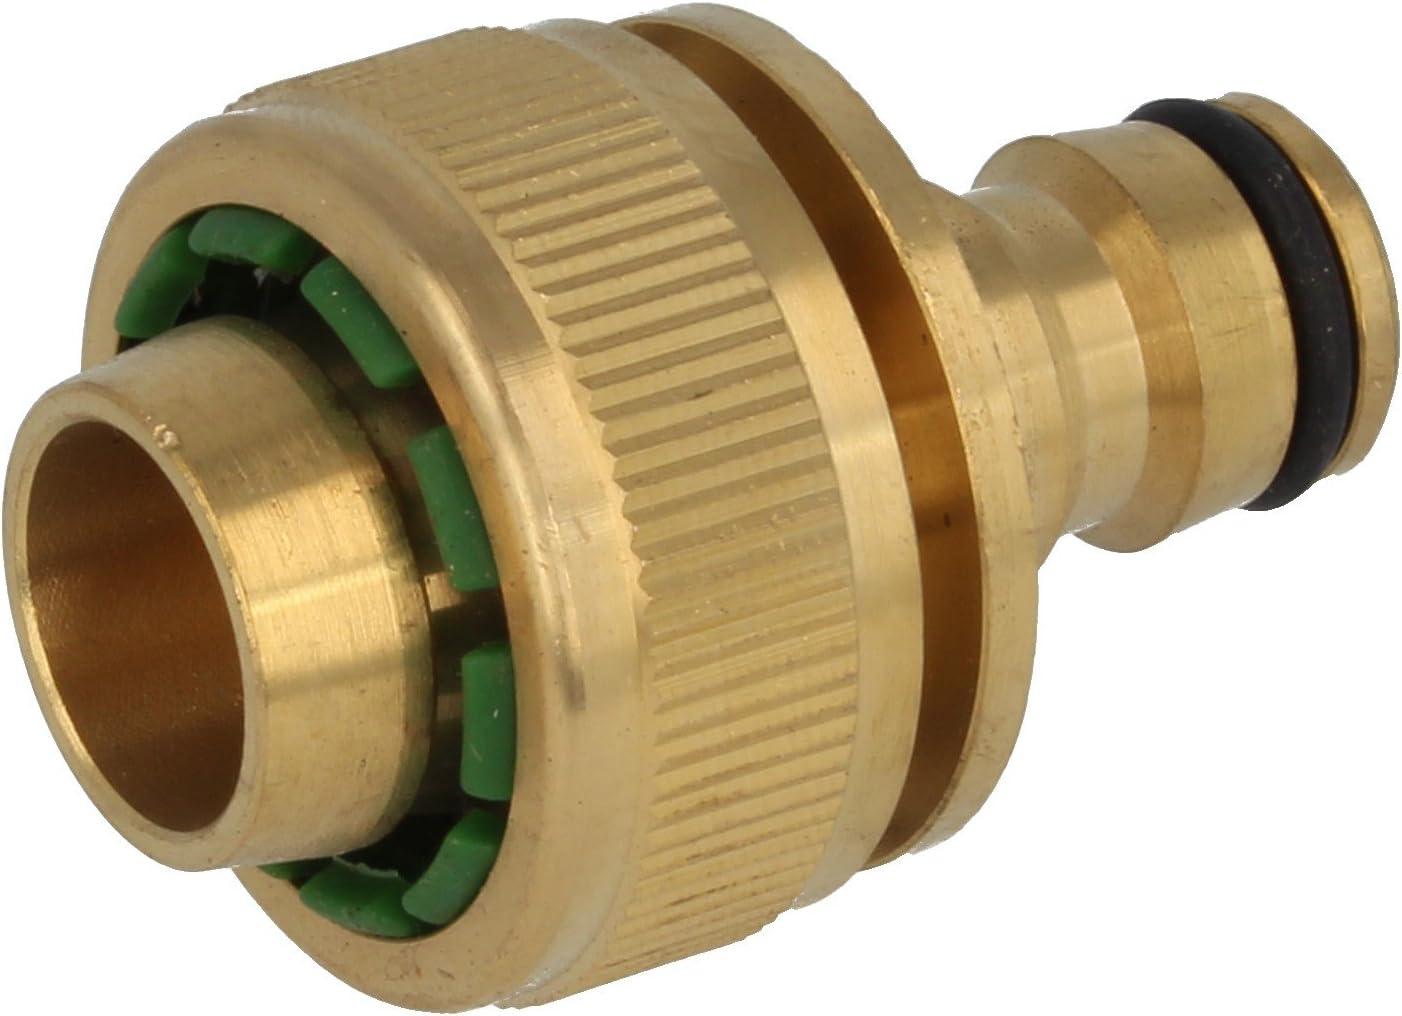 Ø 19 mm Schlauchanschluss mit Stecker für Schlauch 3//4 Zoll MS-Stecksystem